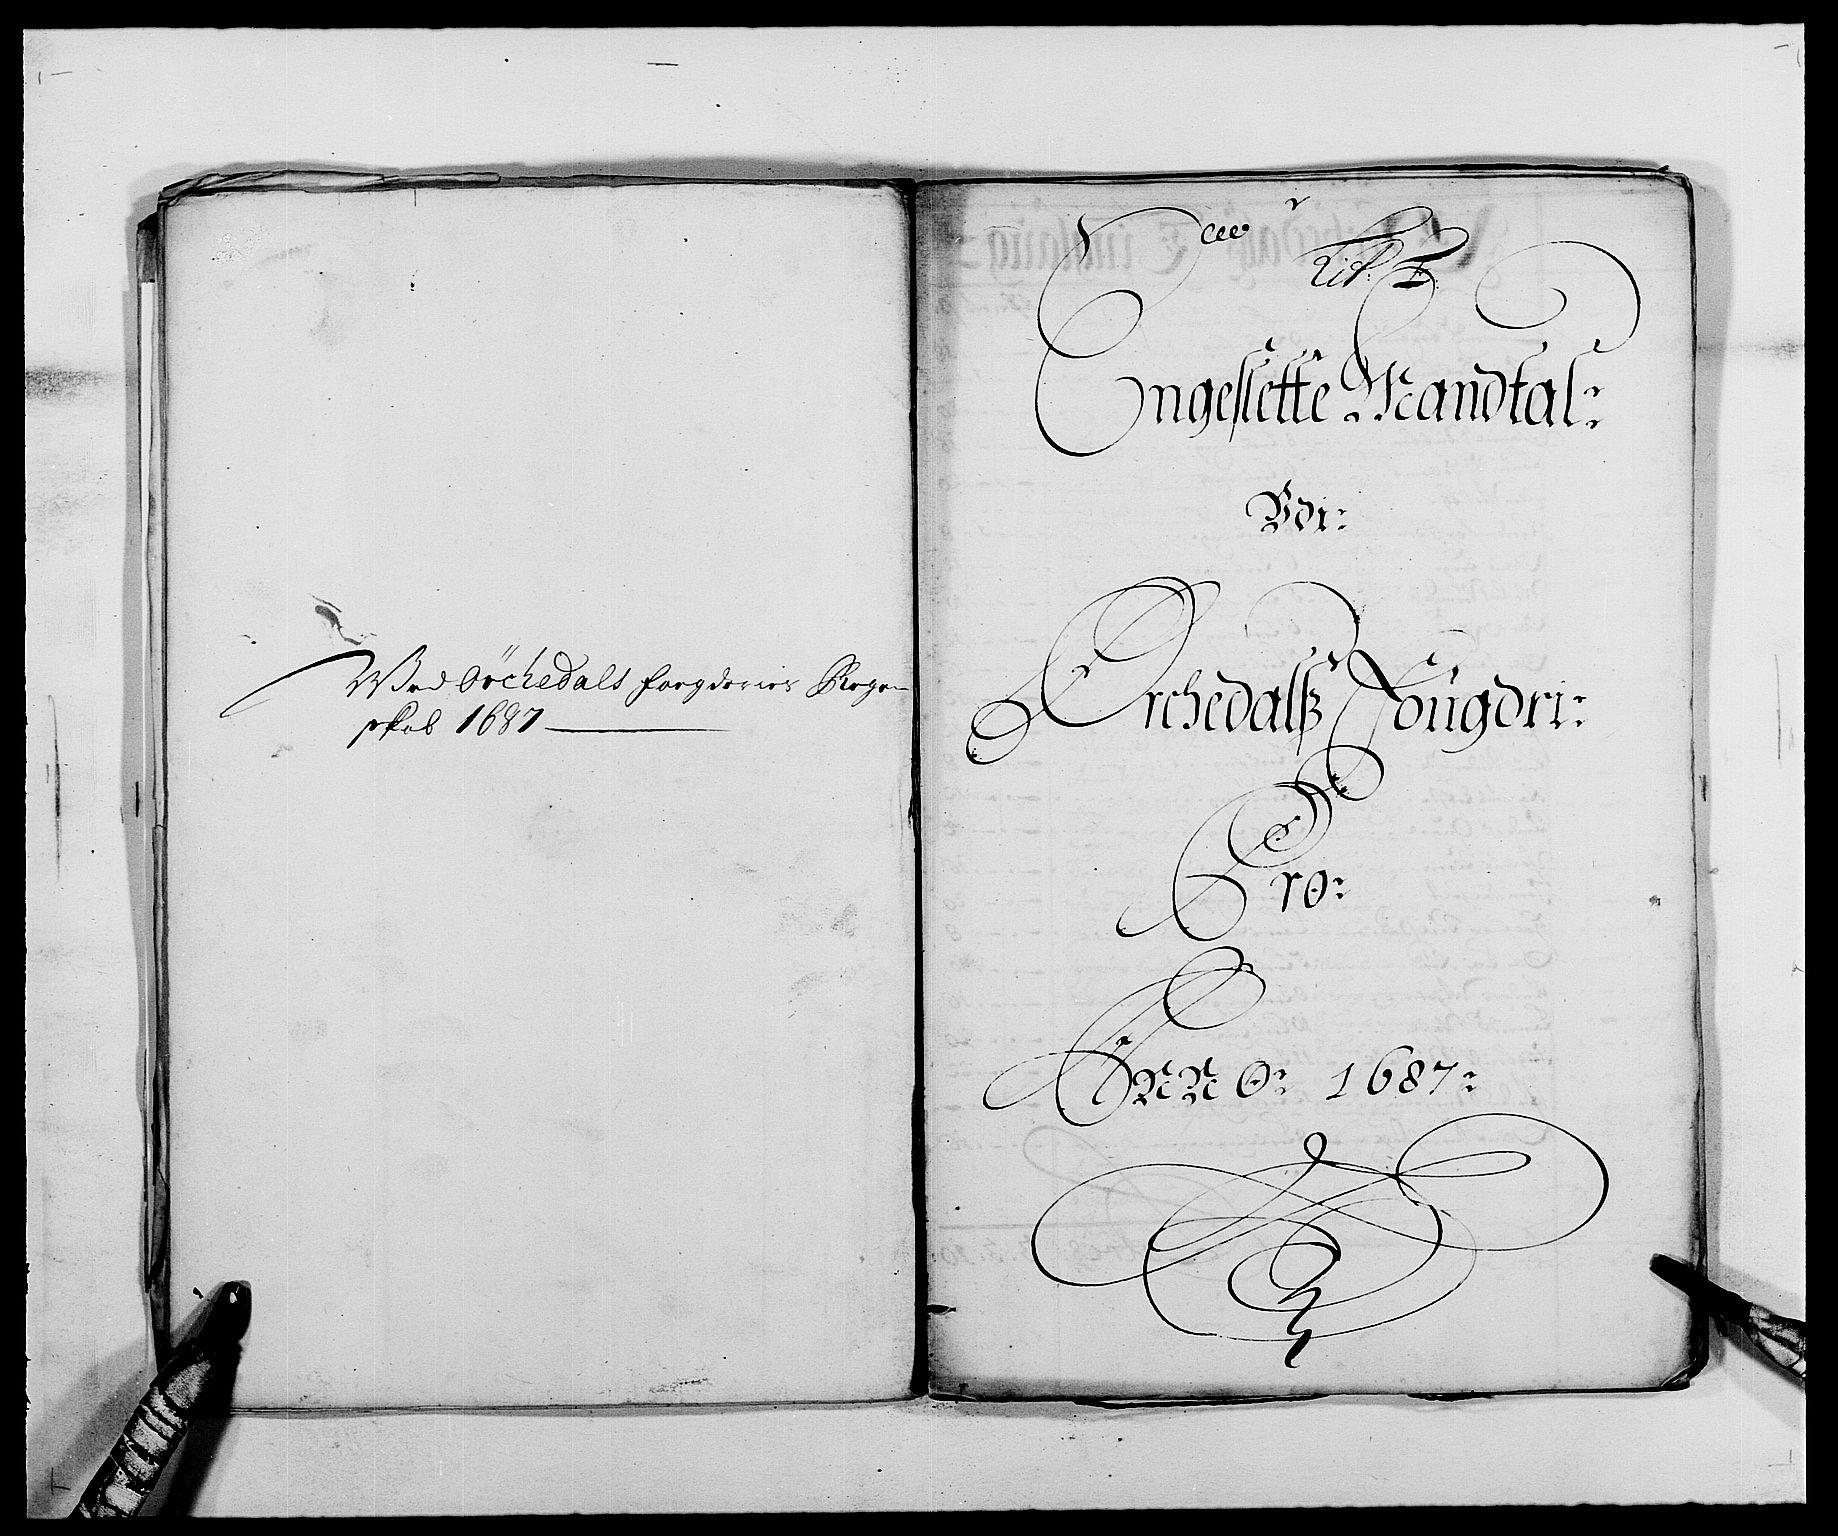 RA, Rentekammeret inntil 1814, Reviderte regnskaper, Fogderegnskap, R58/L3935: Fogderegnskap Orkdal, 1687-1688, s. 78